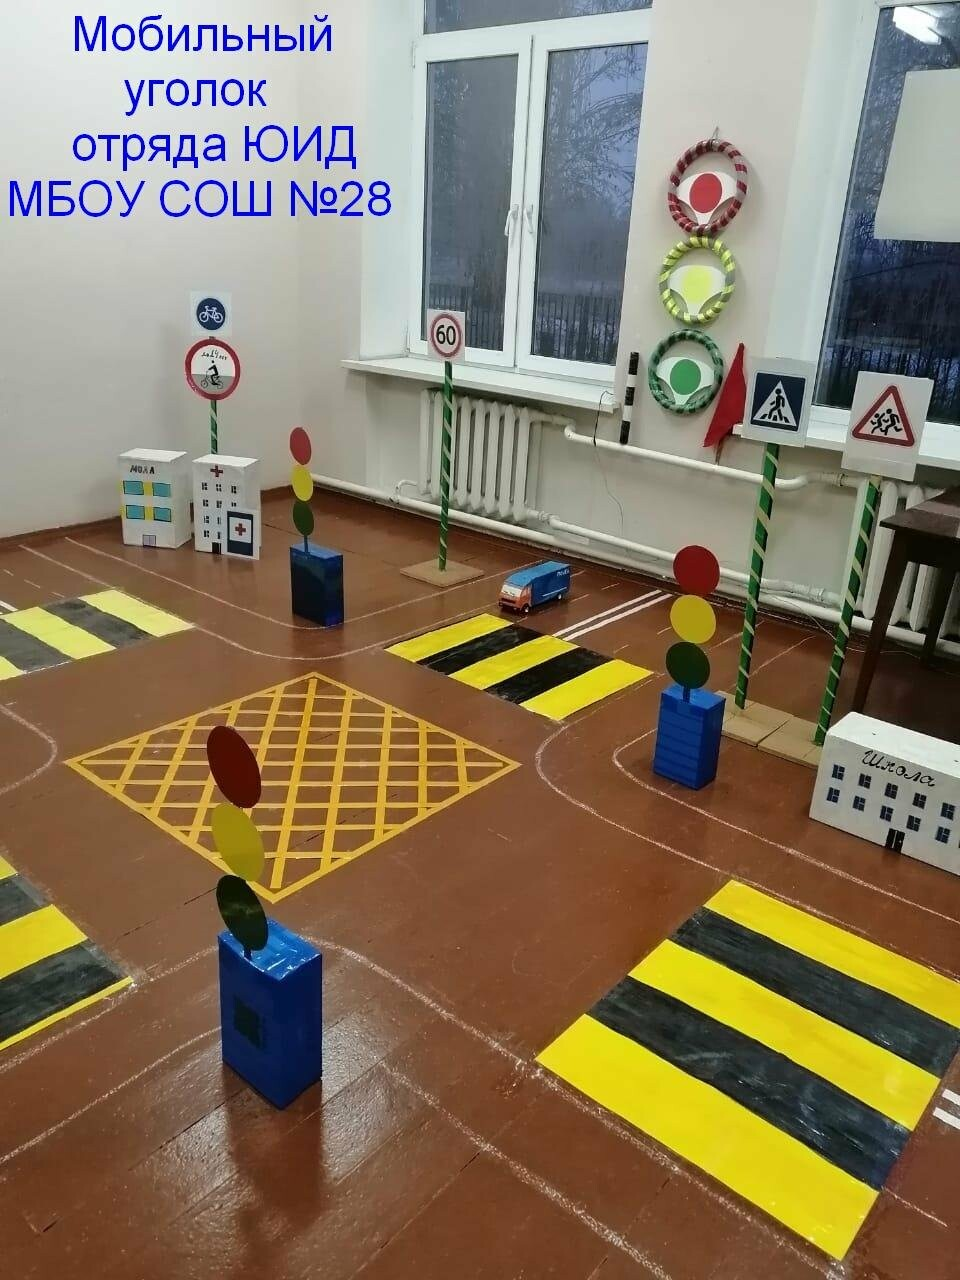 Среди школ Новошахтинска прошёл конкурс мобильных уголков ЮИД, фото-3